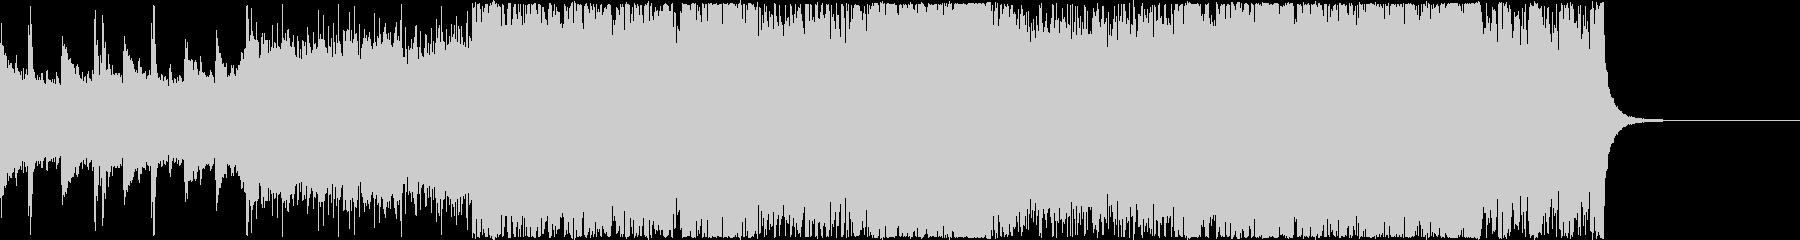 オープニング 序曲 ピアノ 疾走感の未再生の波形